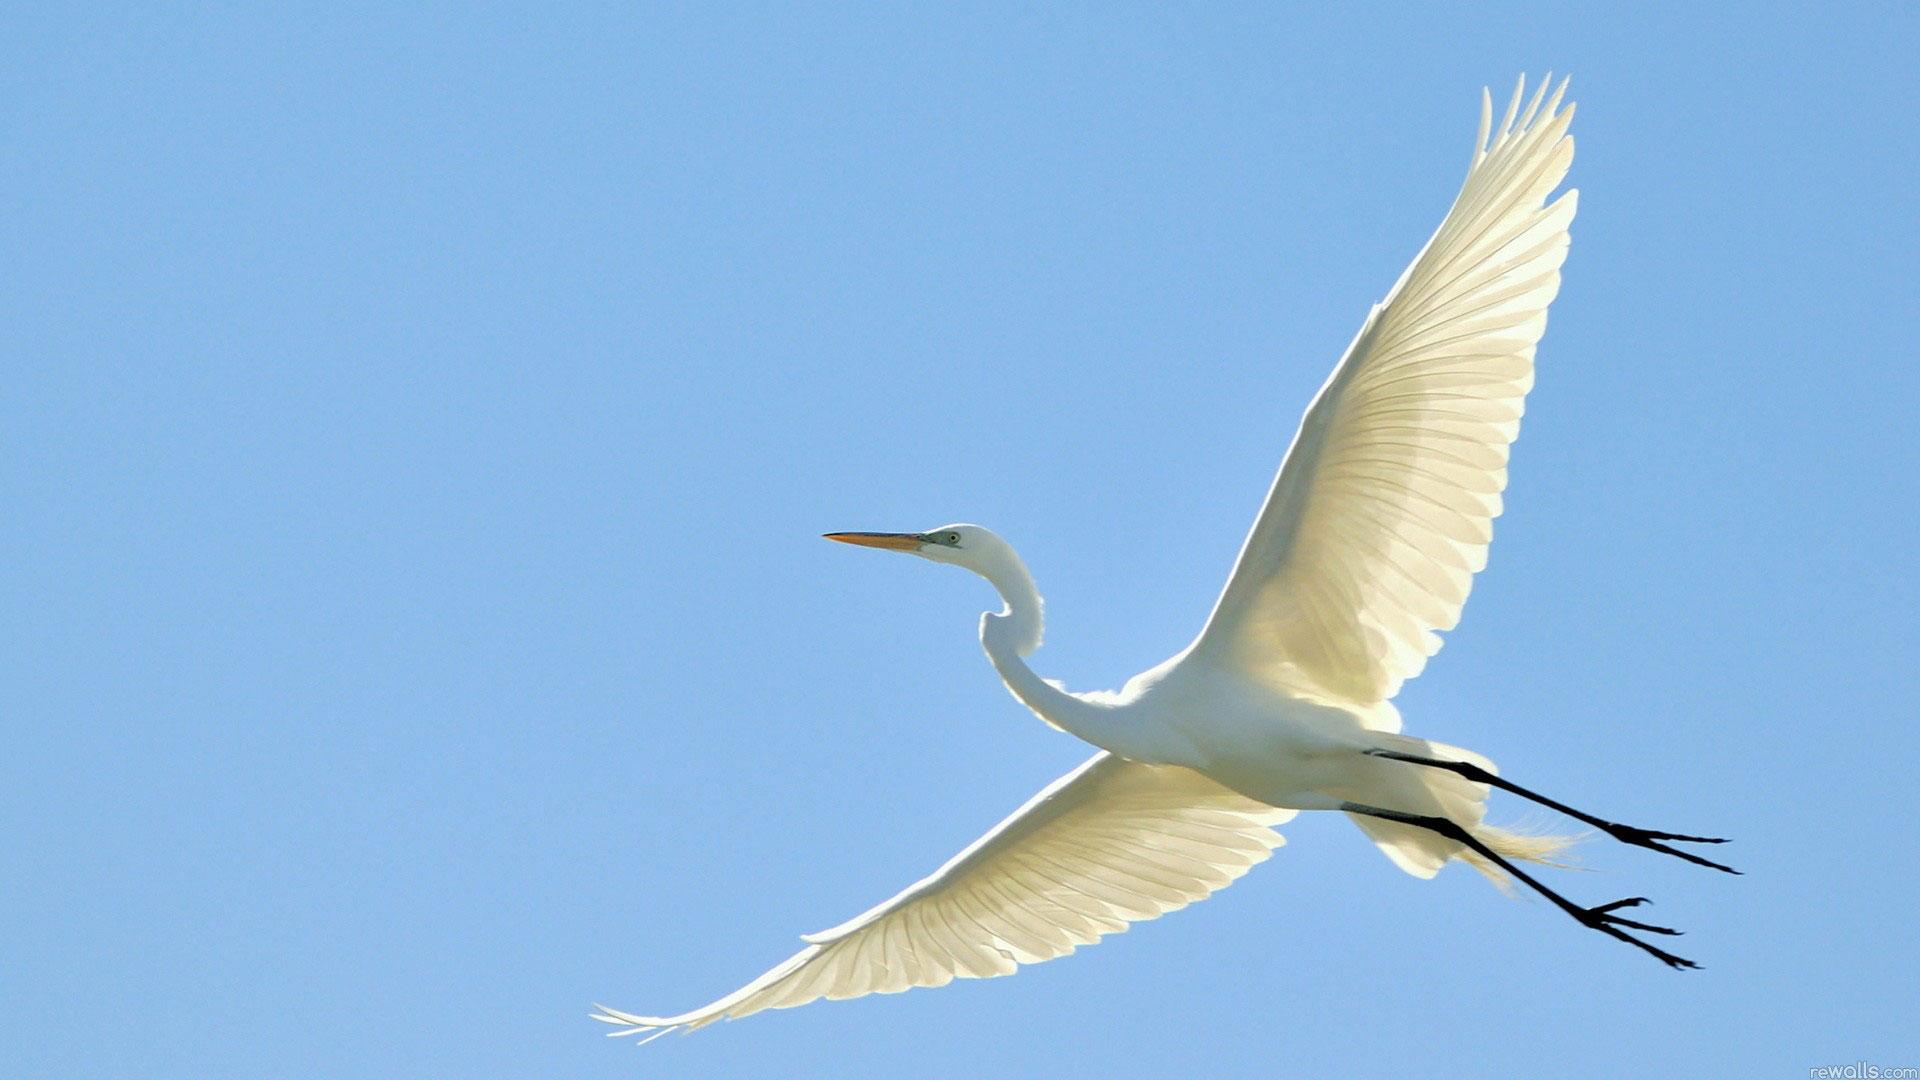 Birds flying photo